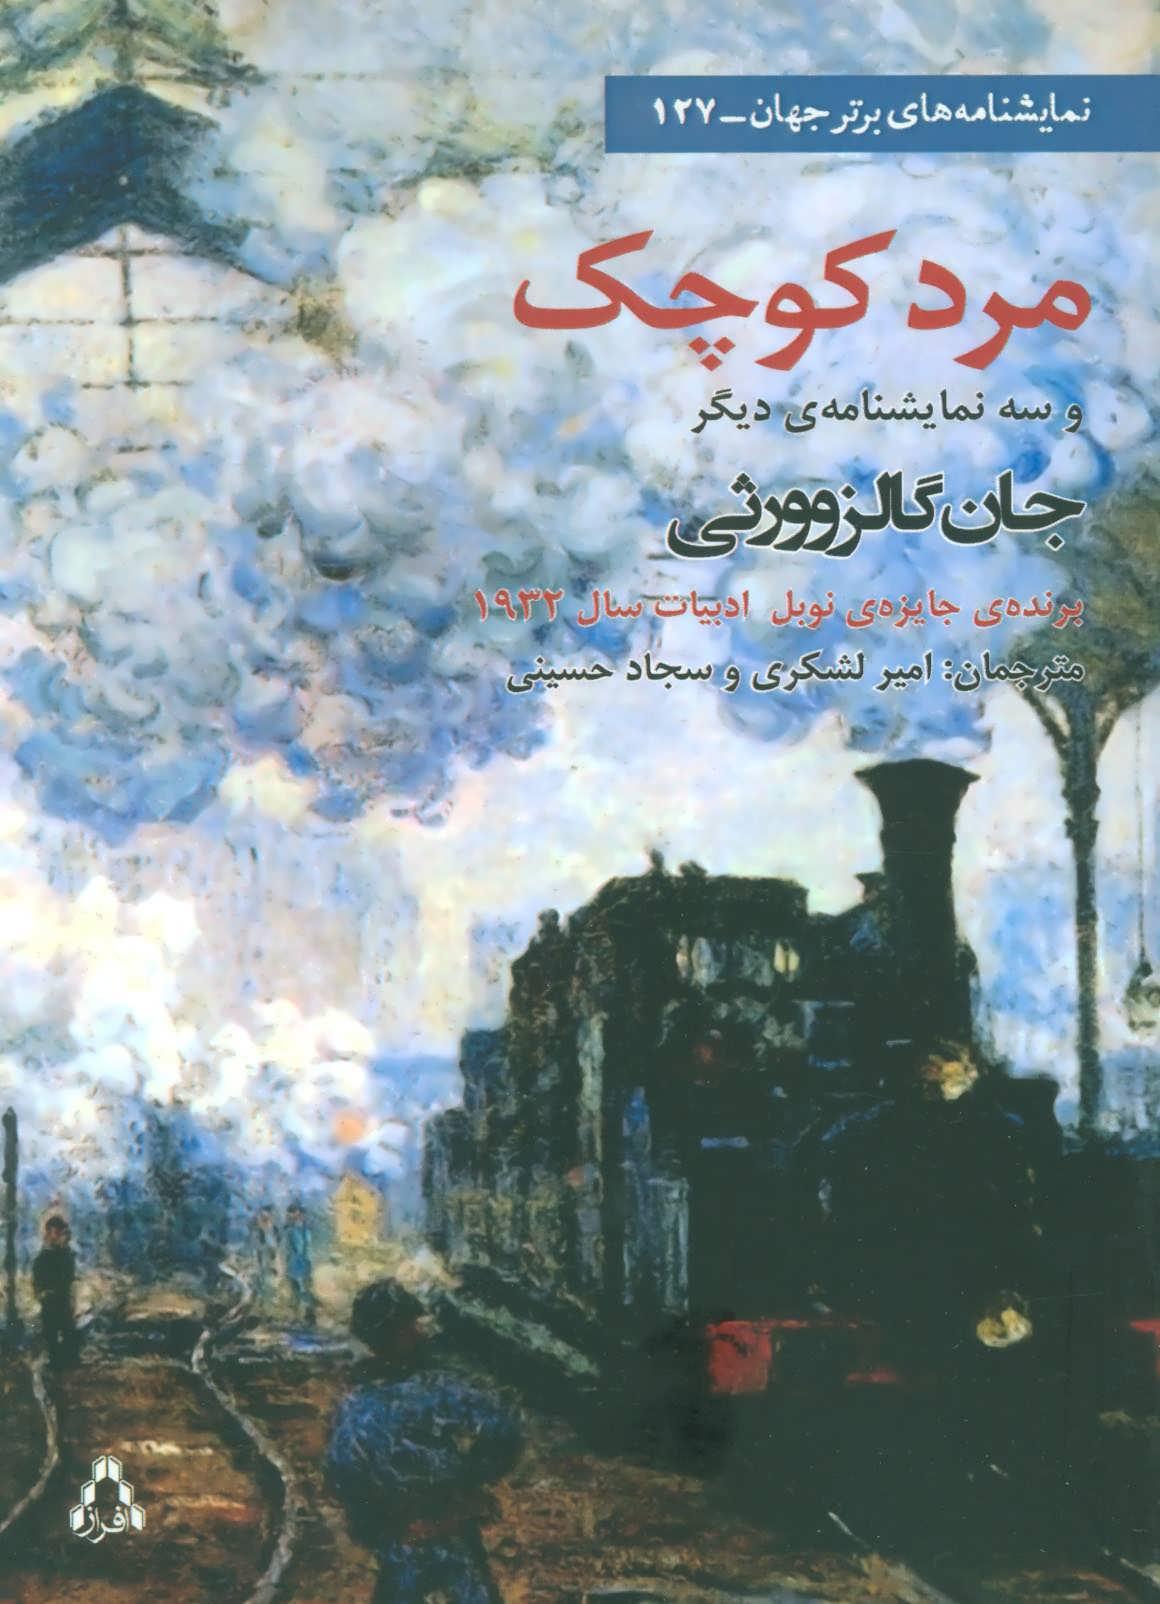 کتاب مرد کوچک و سه نمایشنامه دیگر